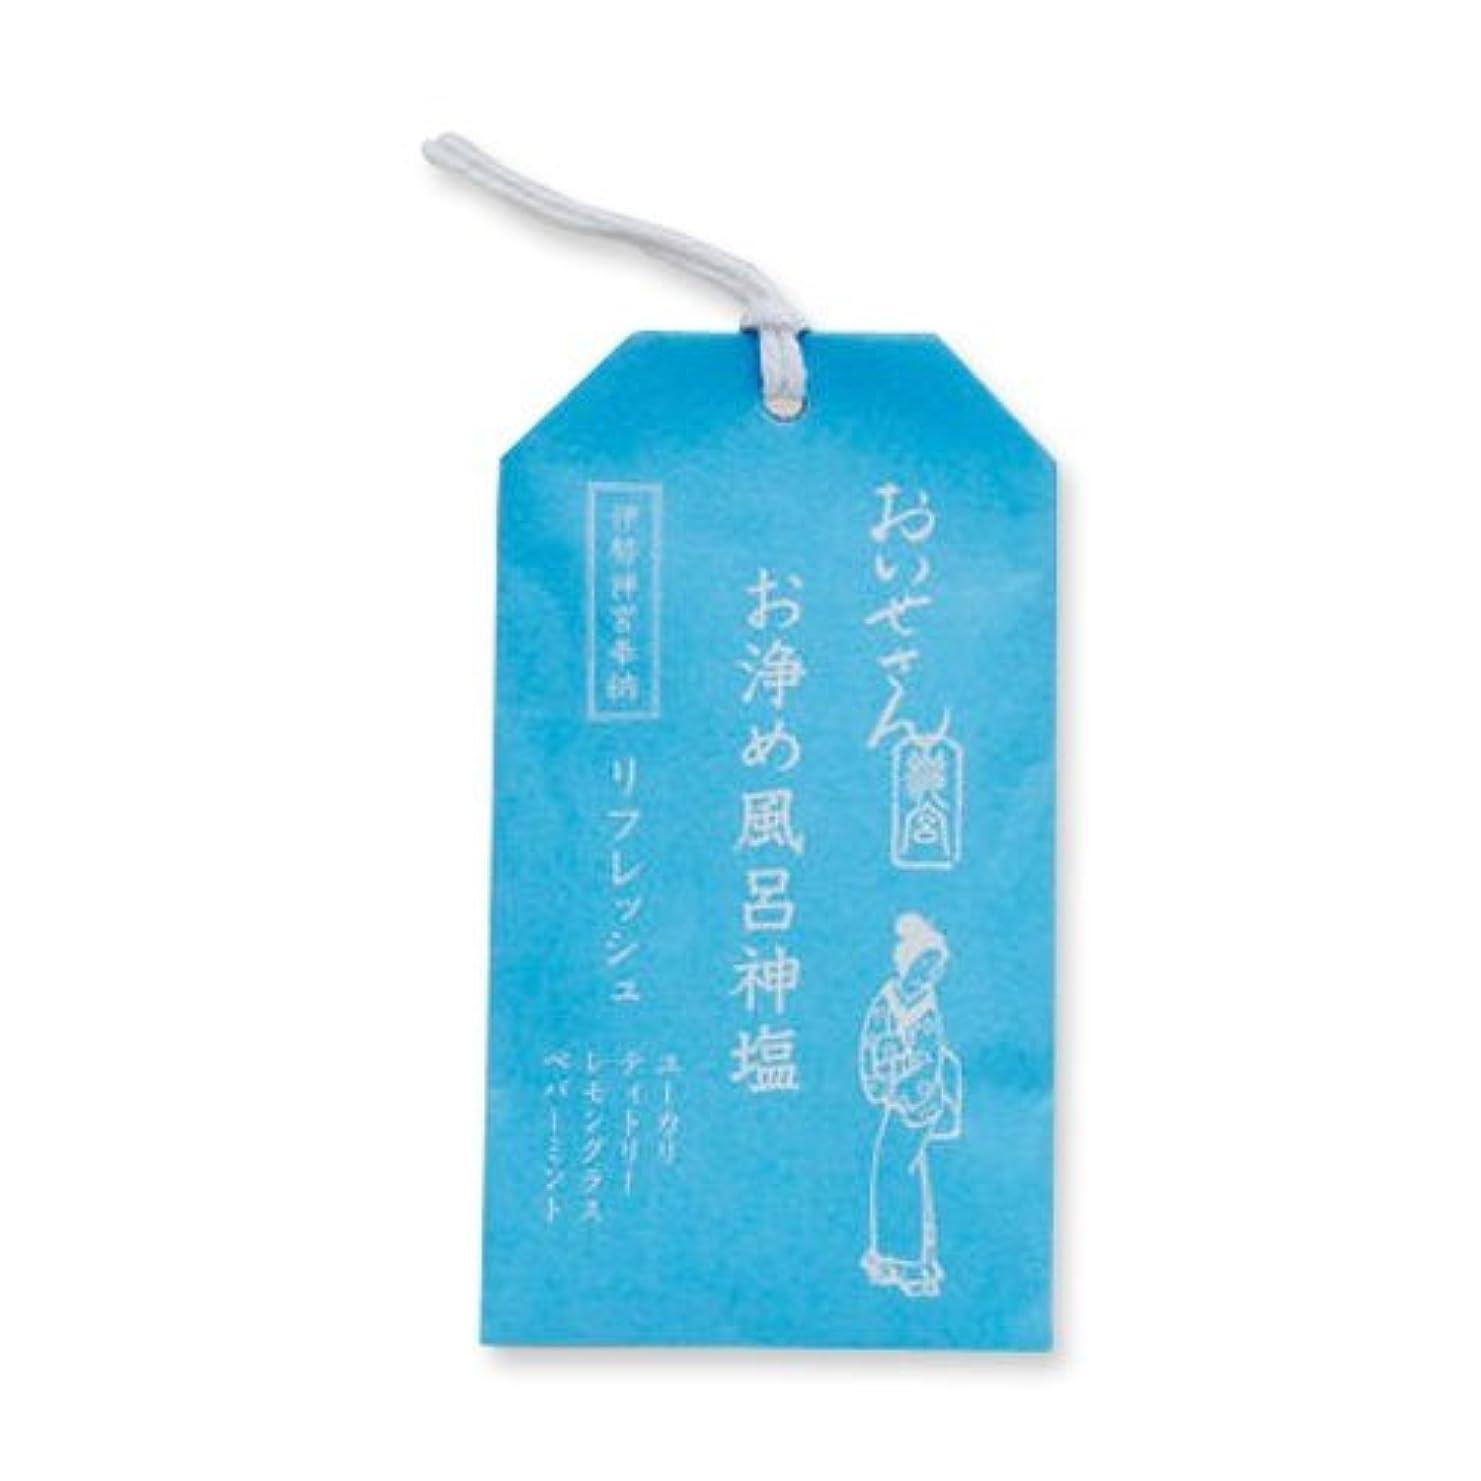 太い閉塞小人おいせさん お浄め風呂神塩 バス用ソルト(リフレッシュ) 20g